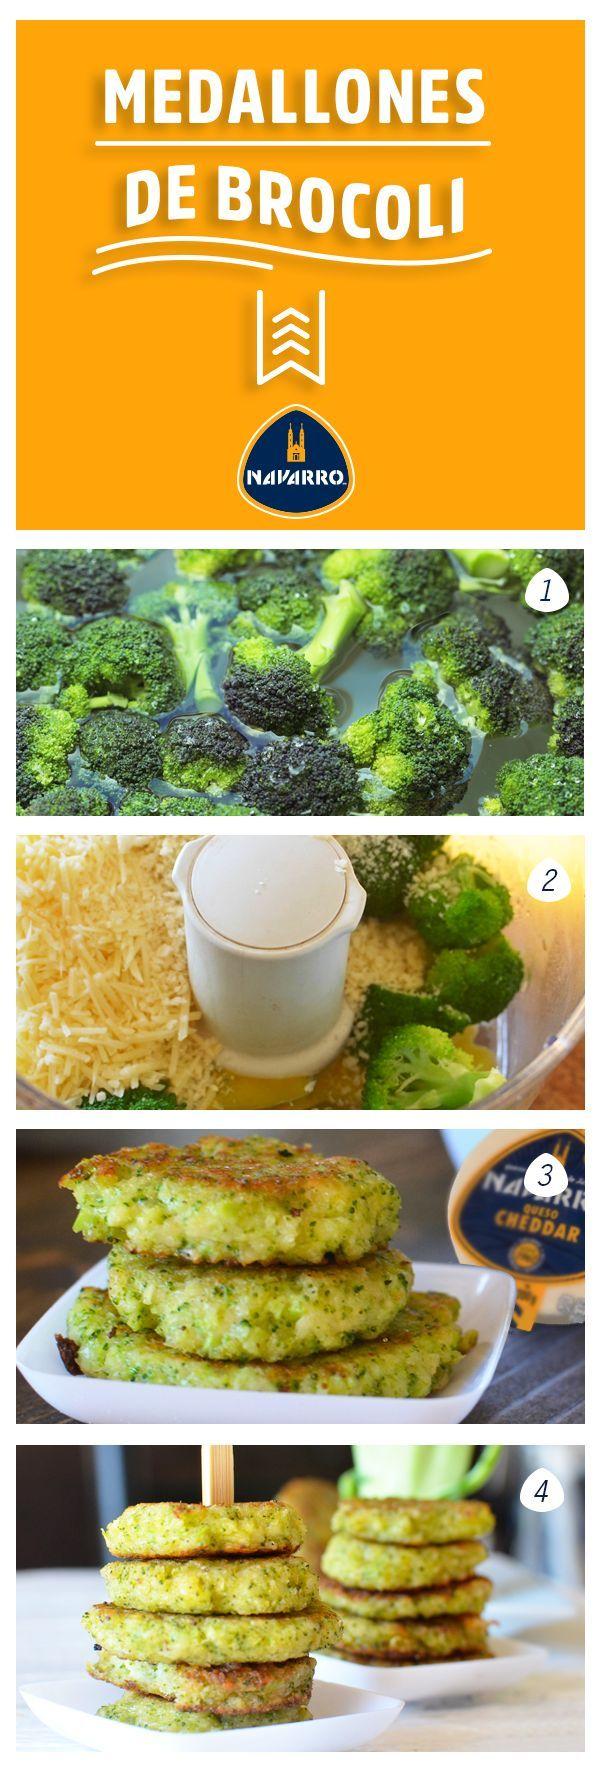 :) Y para acompañar platillos con verduras: Medallones de brócoli.   1-Hierve dos tazas de brócoli. 2-Licúa: el brócoli, dos huevos grandes, media taza de pan molido y media taza de Queso Cheddar NAVARRO. 3- Usando una cuchara forma bolitas con la mezcla y fríe, aplastándolas con la espátula. 4. Una vez lista sírvelas calientes. | Más en https://lomejordelaweb.es/